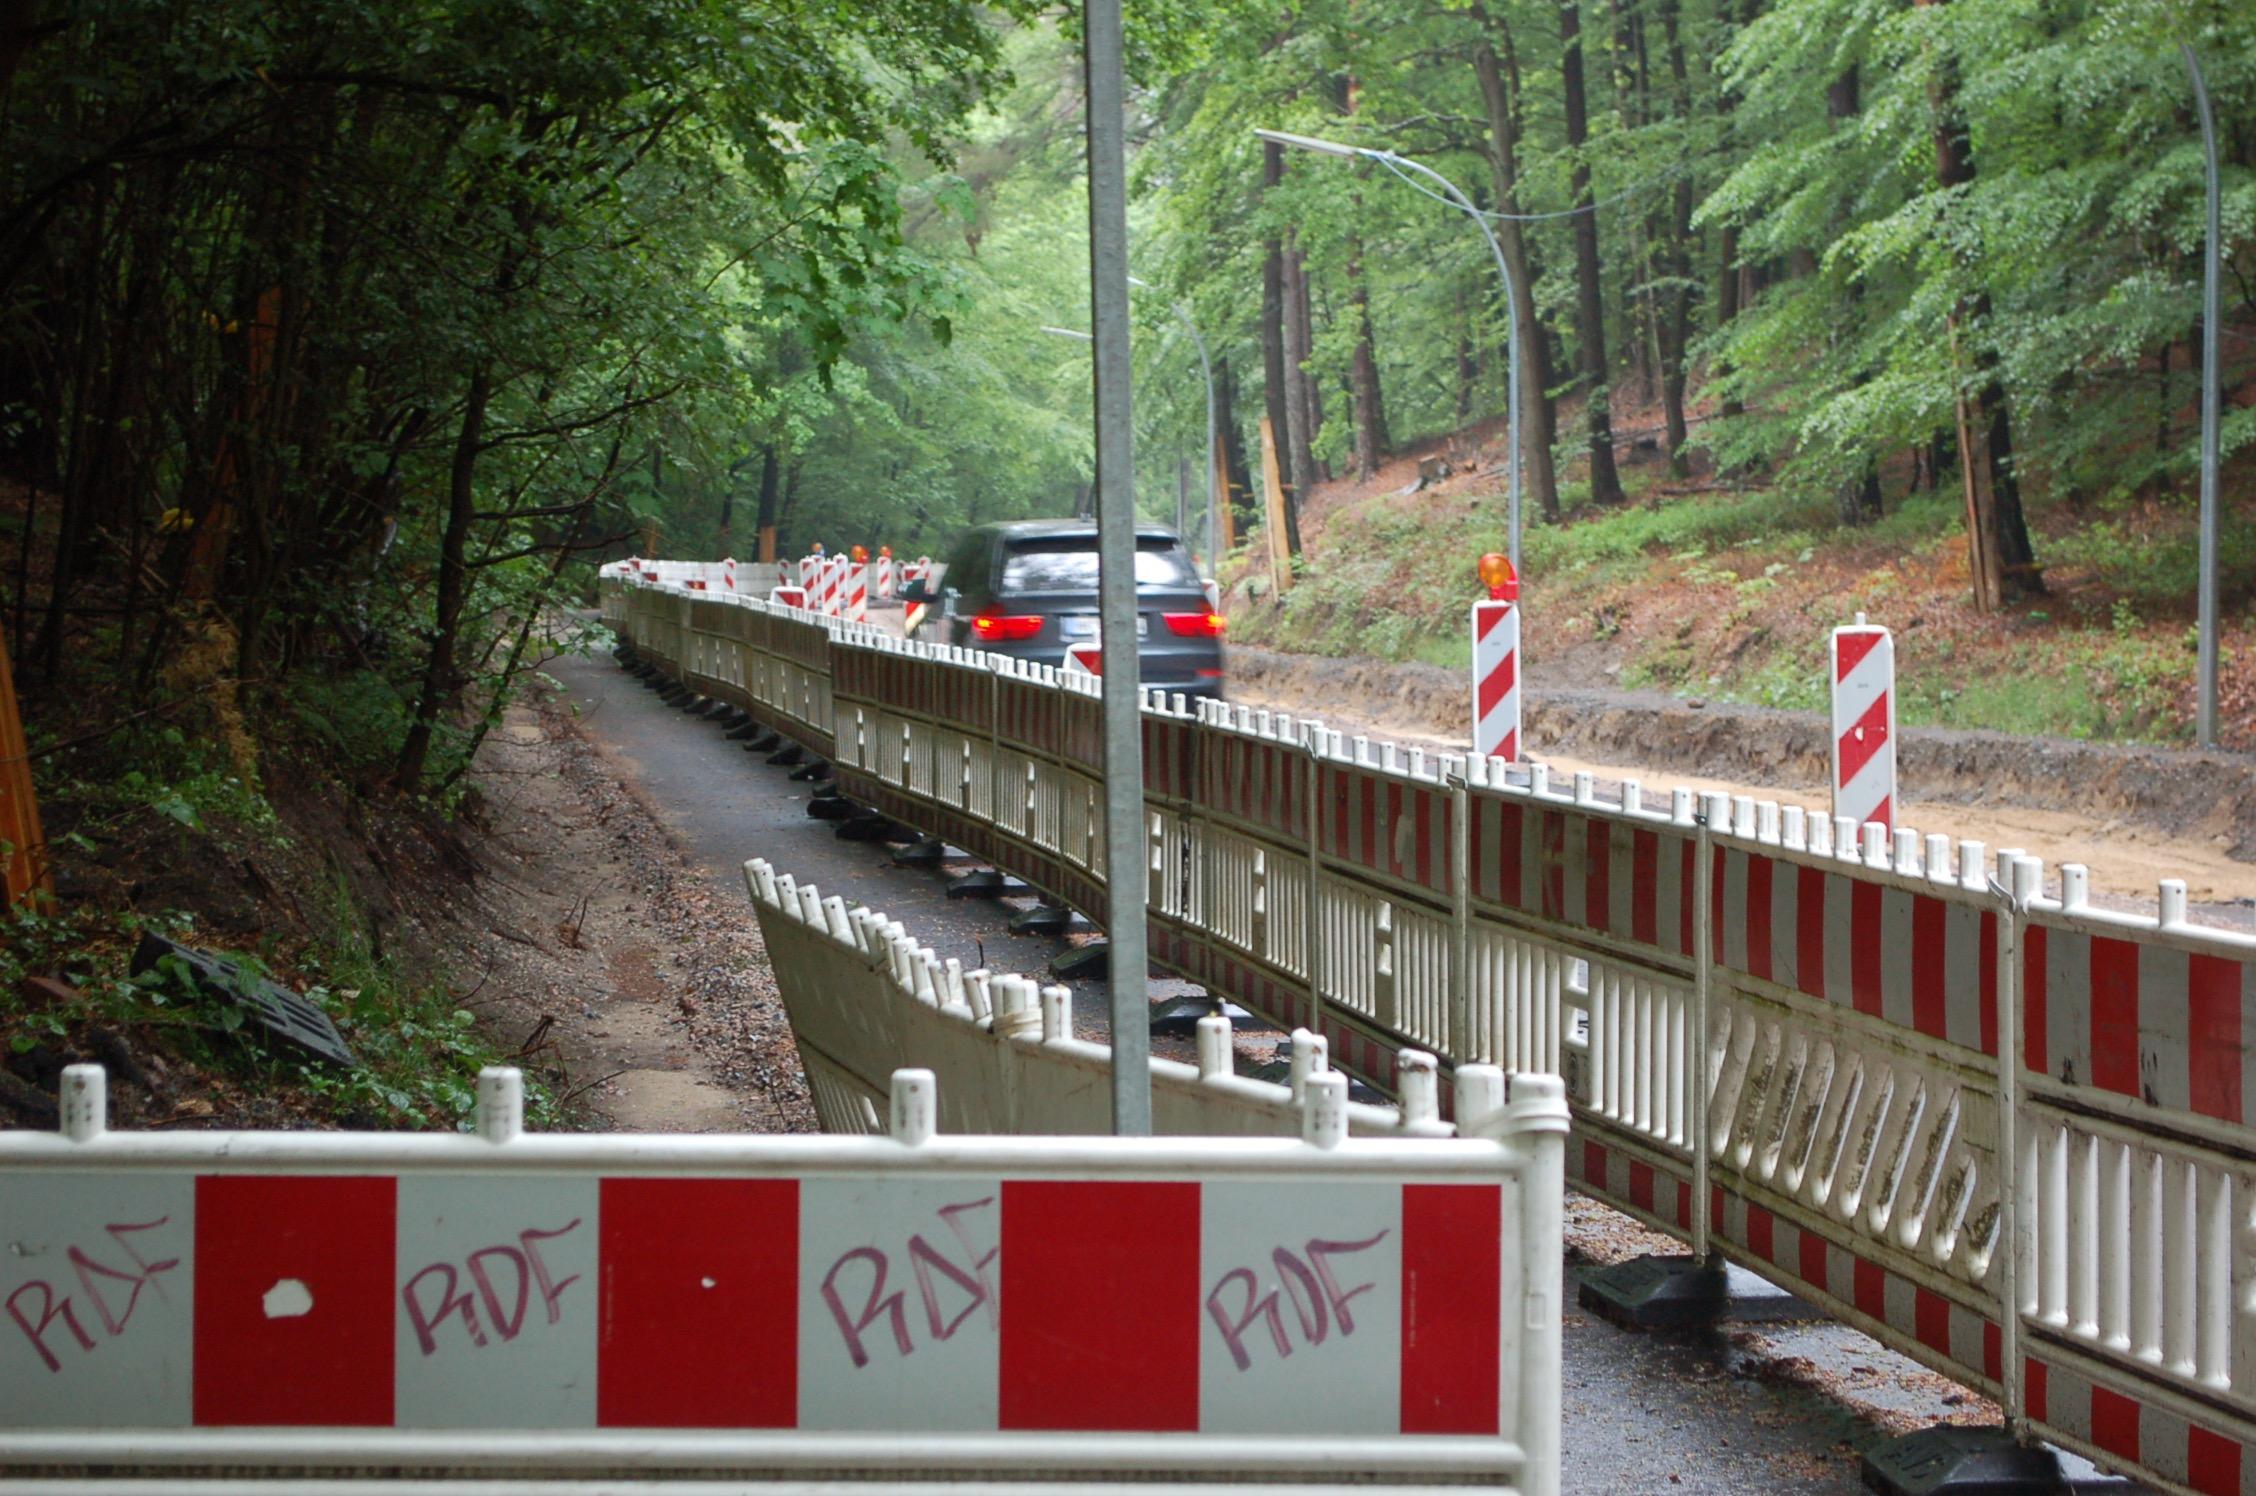 mk -Die Baumaßnahmen am Ehestorfer Heuweg stehen seit Monaten Im Fokus.